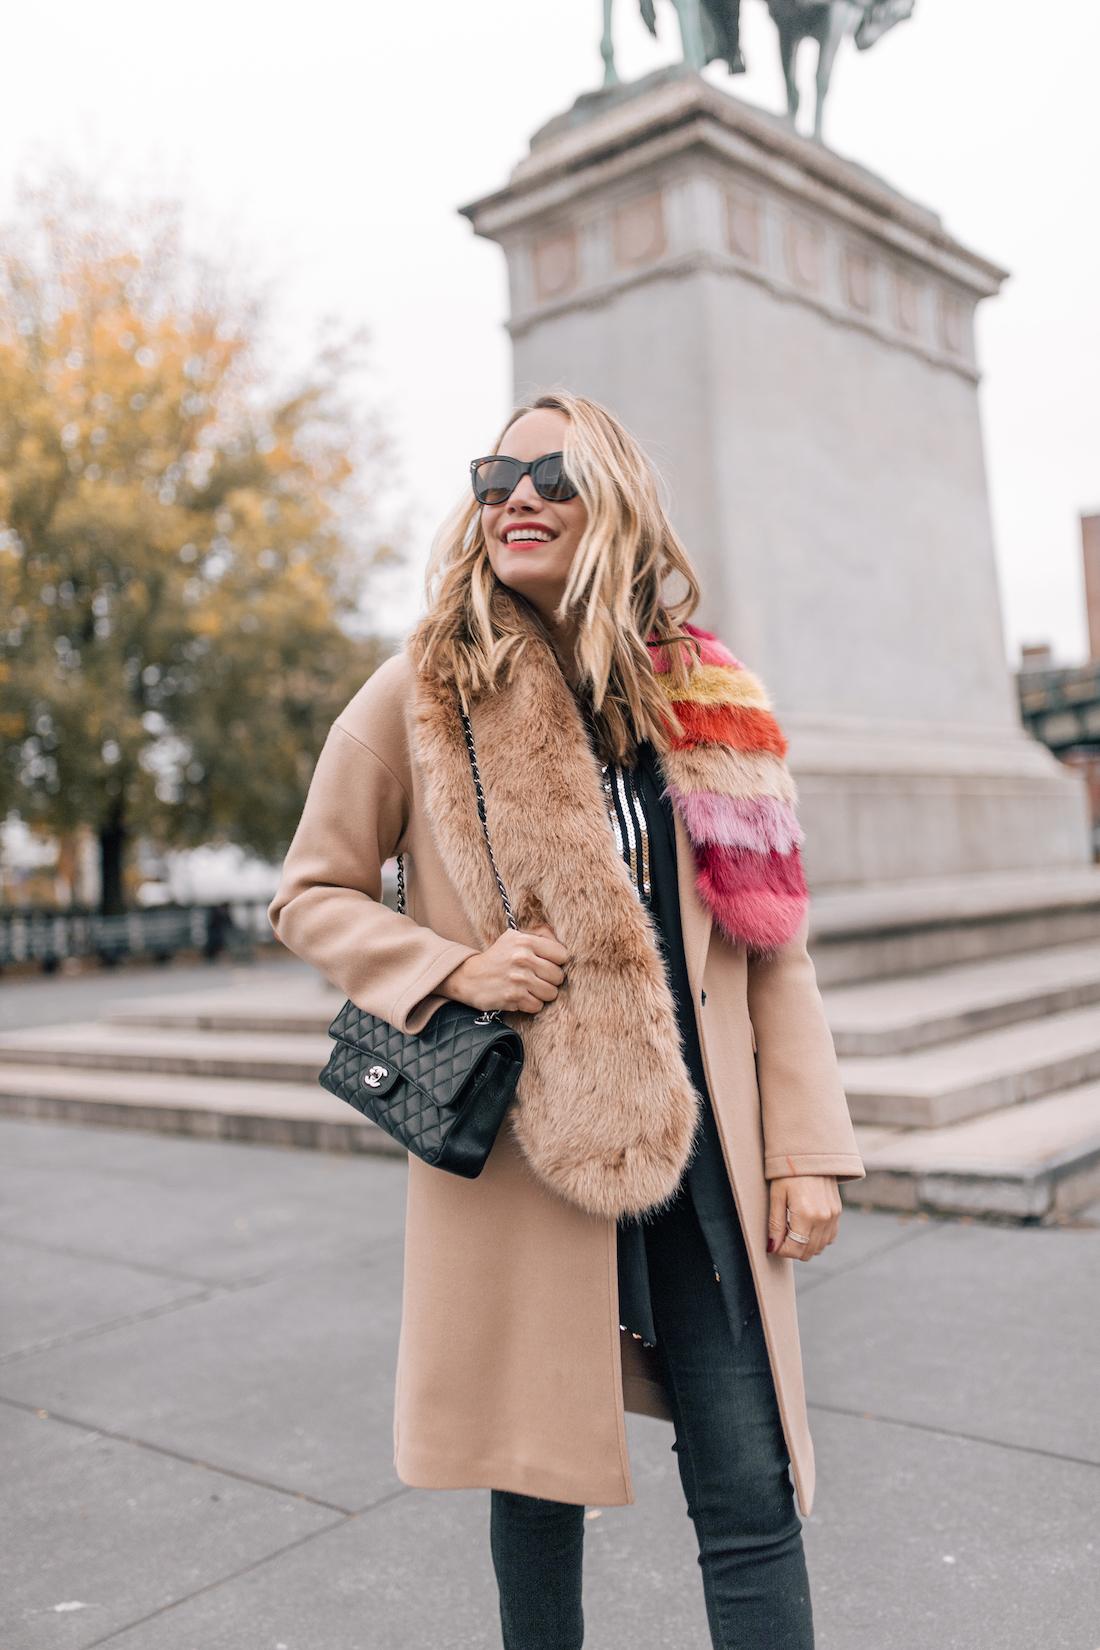 Outfit Details:Rixo London Sequin Top(size up!) //Paige Jeans //Topshop Coat(on sale!!) //Zara Faux Fur Scarf // Polaroid Sunglasses